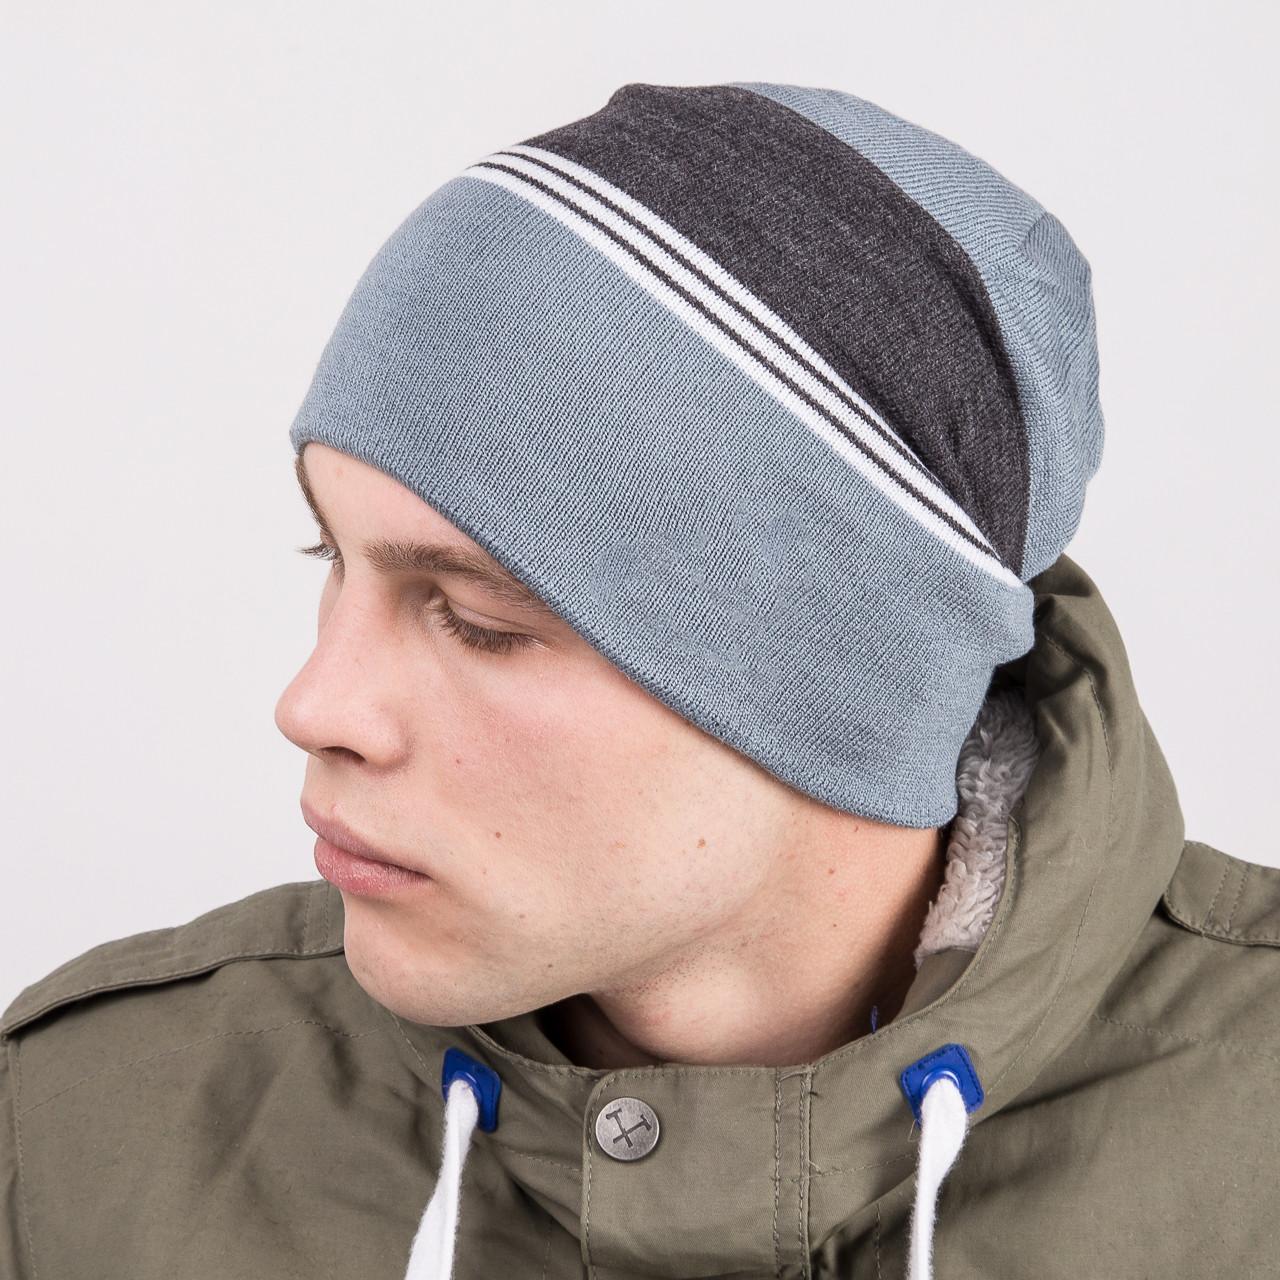 Вязаная шапка колпак на зиму мужская - Артикул m67c